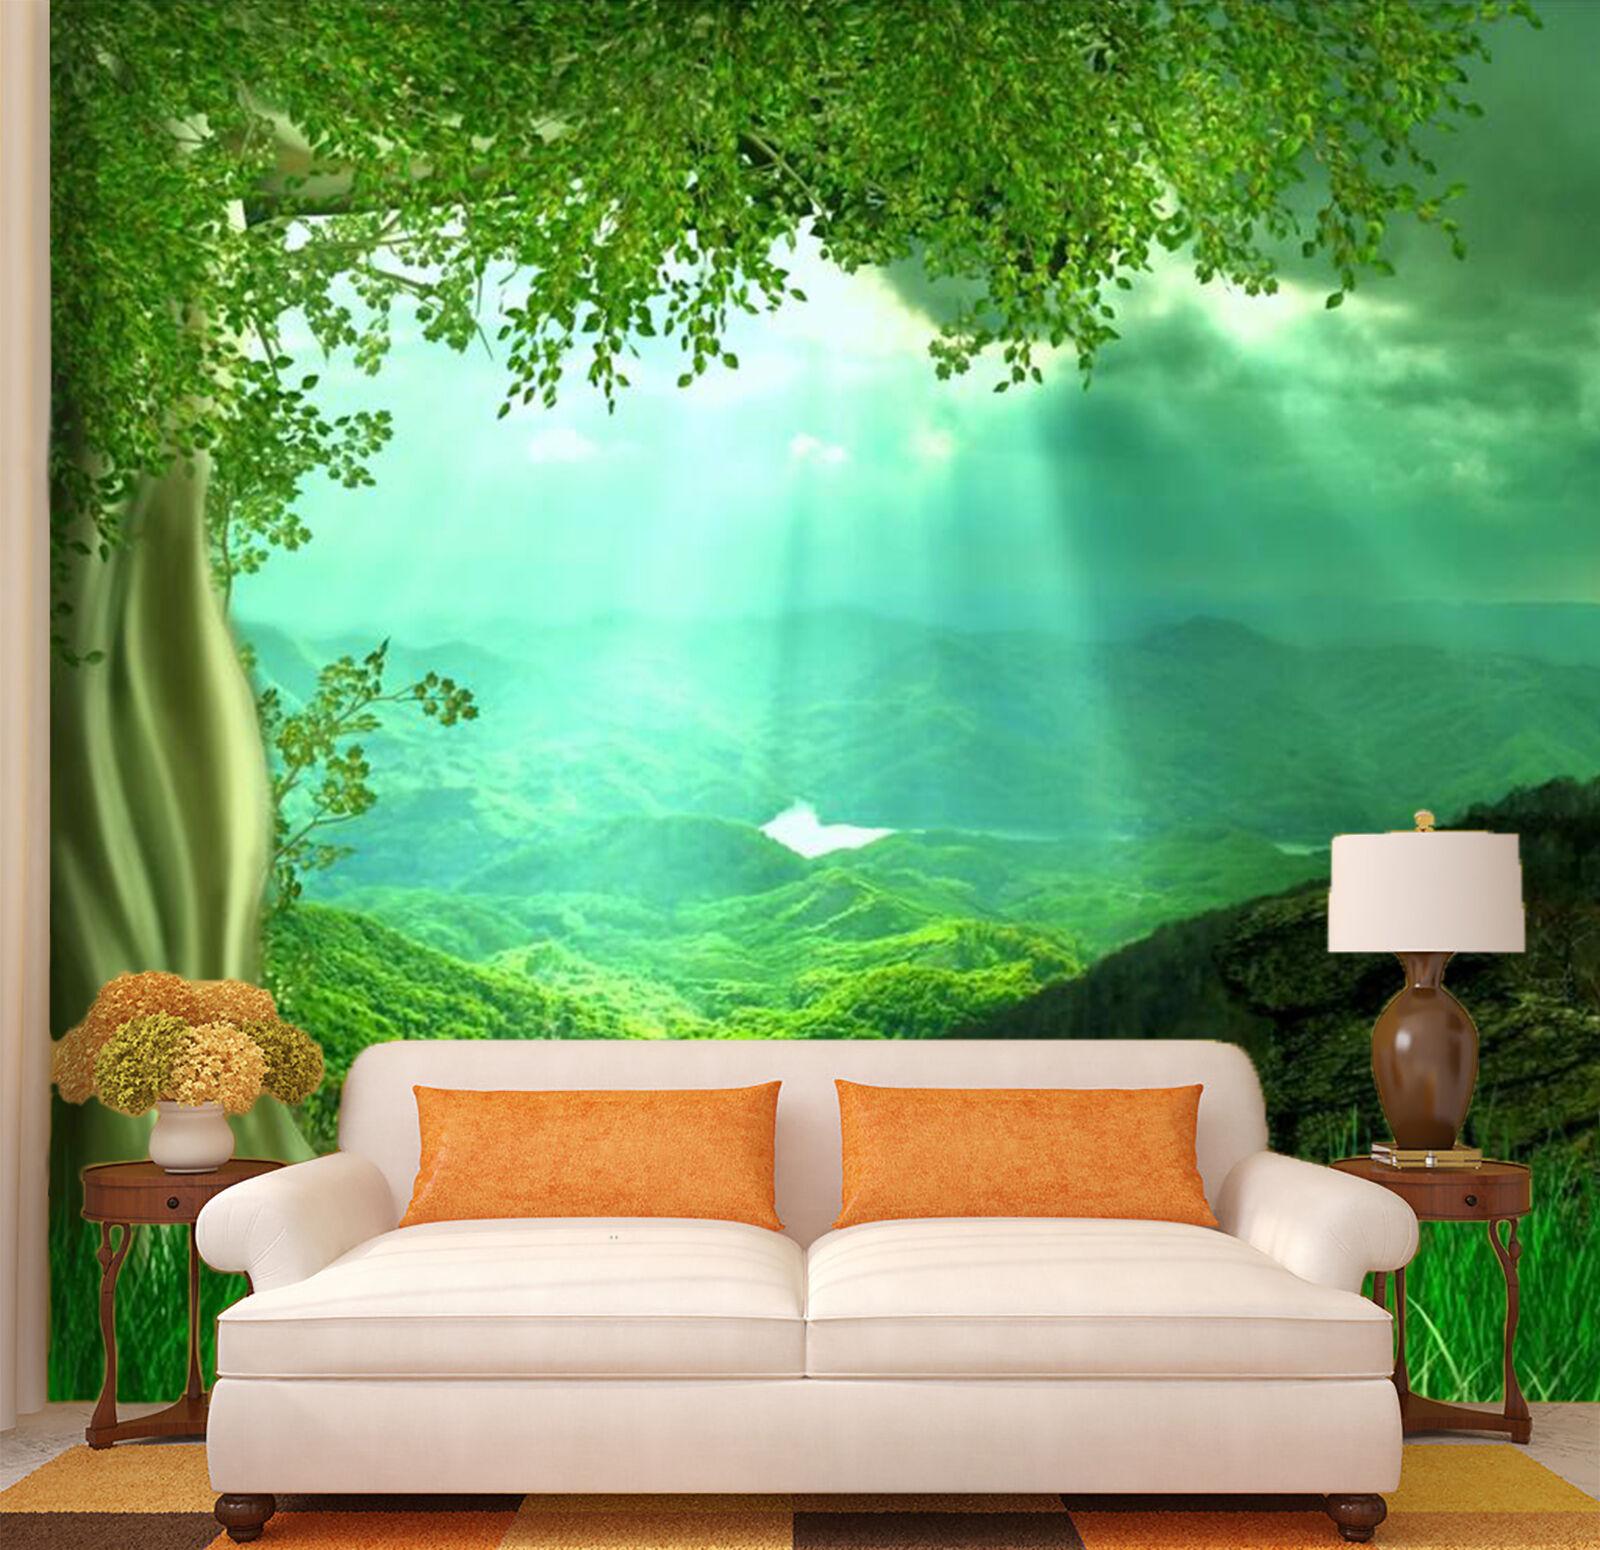 3D Grün Tree Shadow 281 Wall Paper Wall Print Decal Wall Deco Indoor Wall